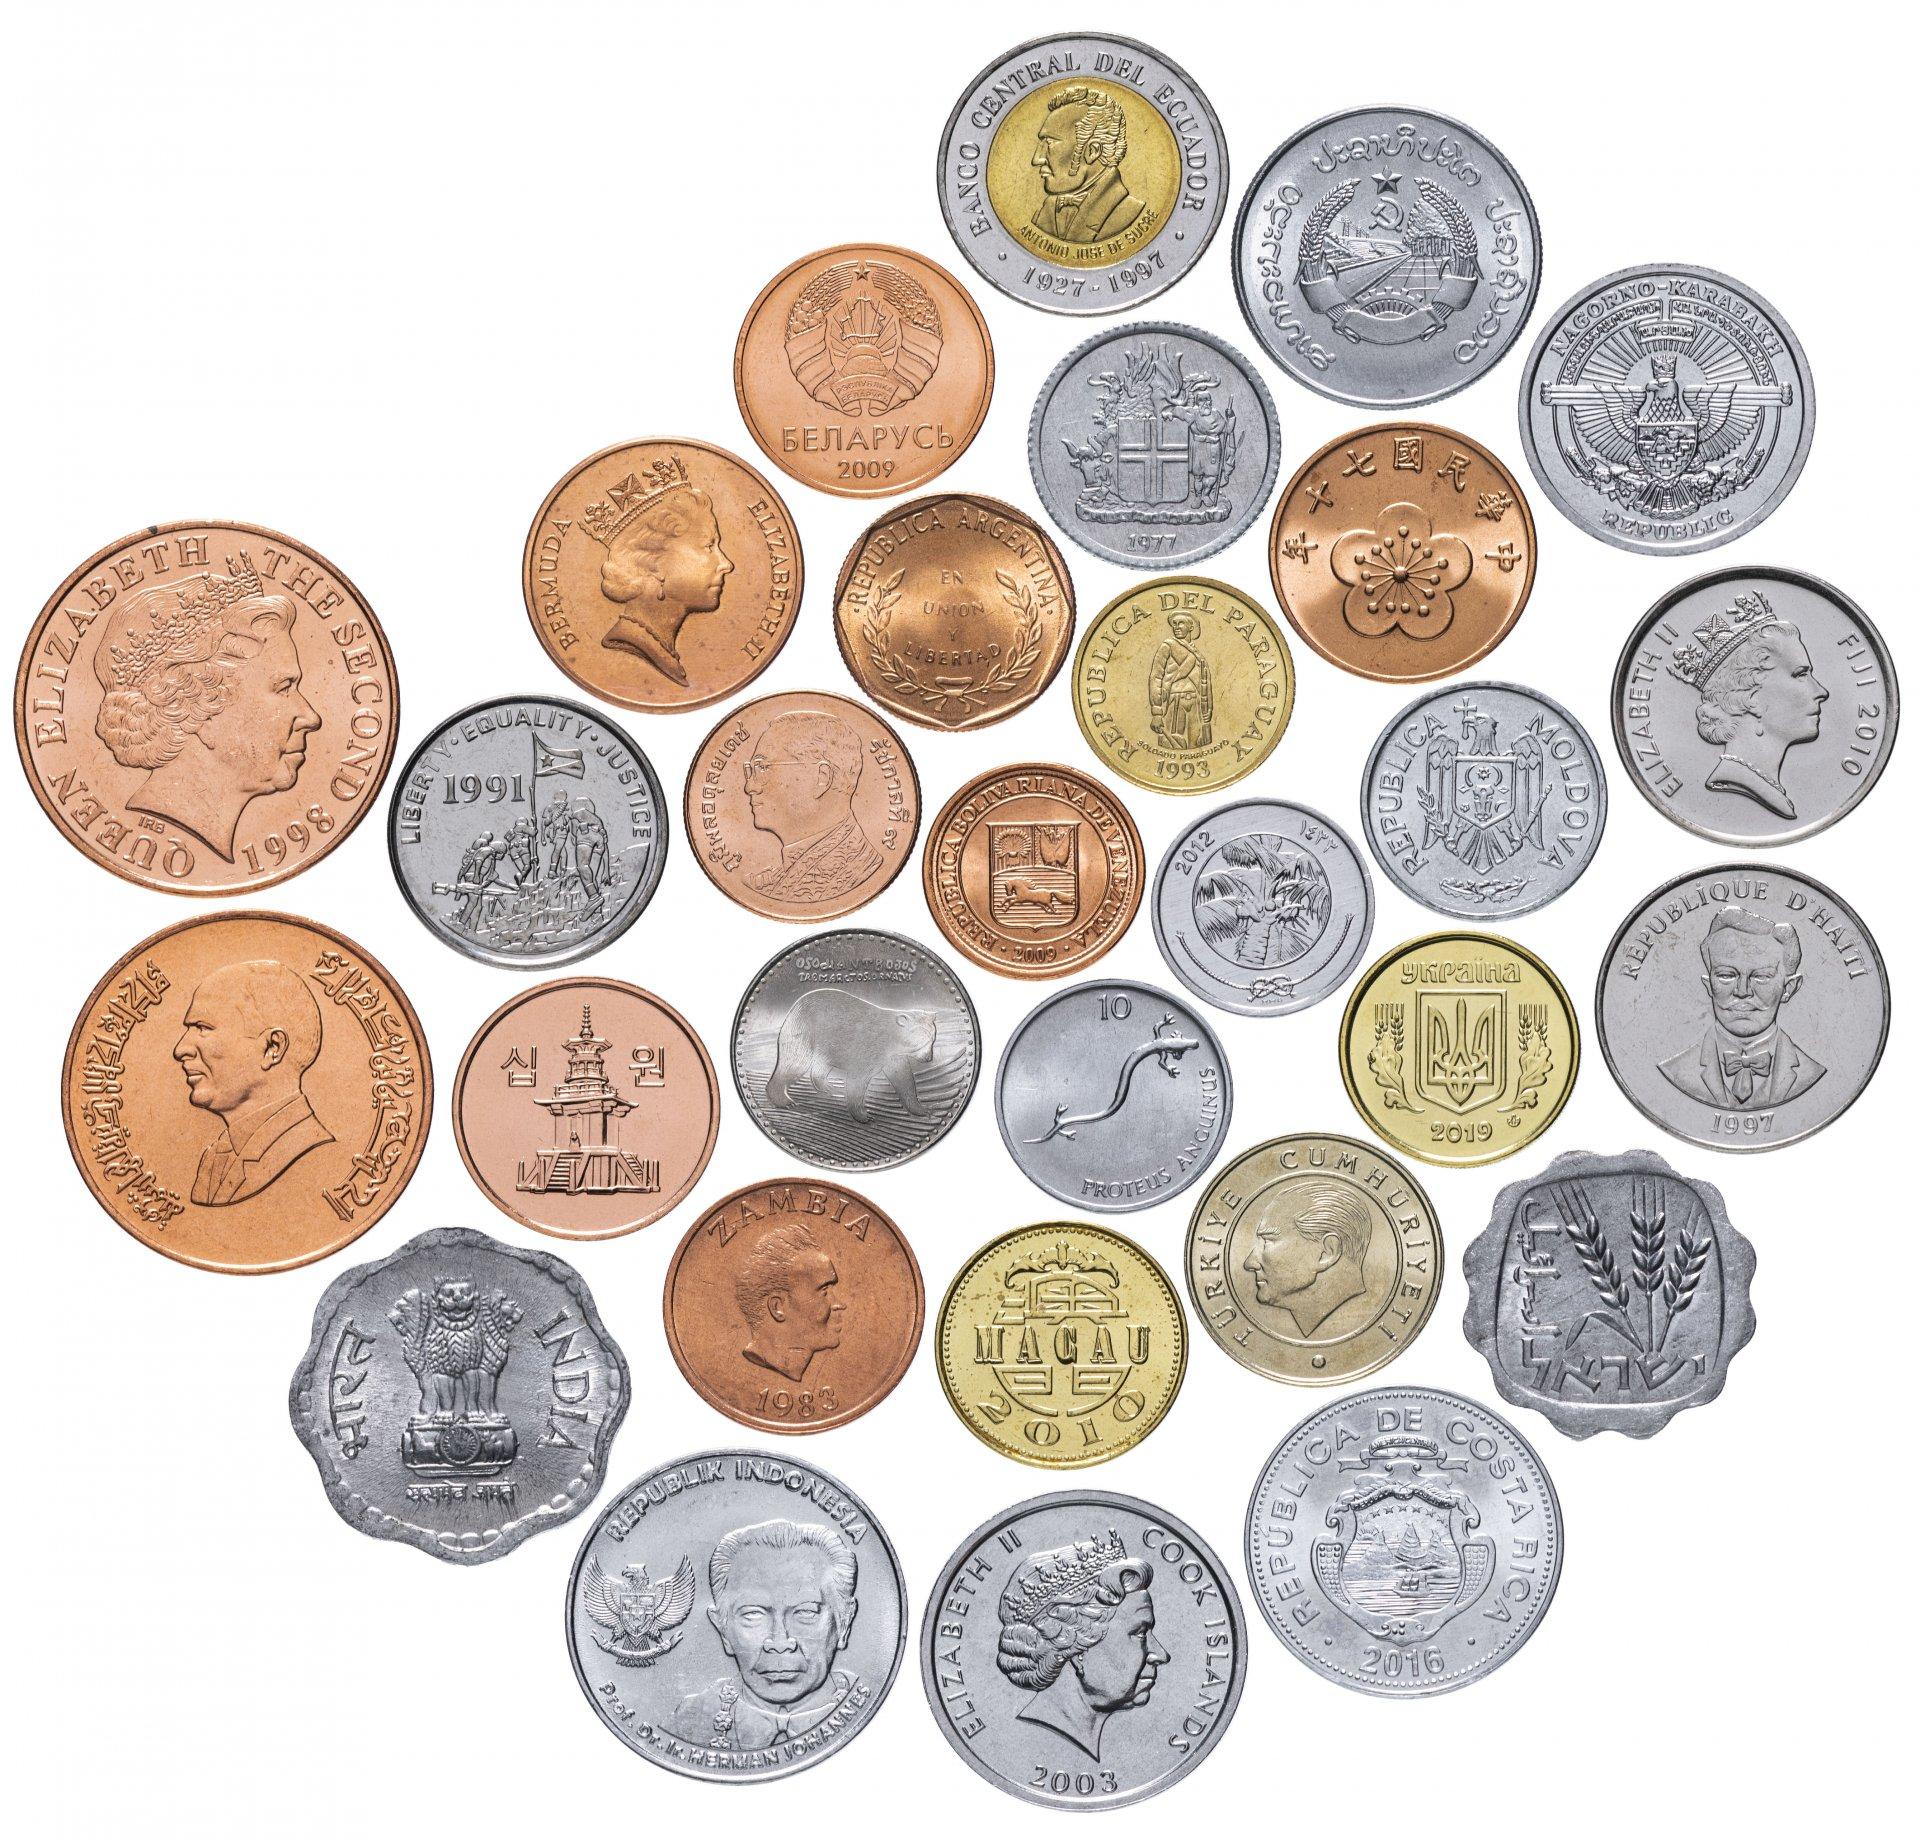 монеты других стран ценные в картинках материалов размещенных